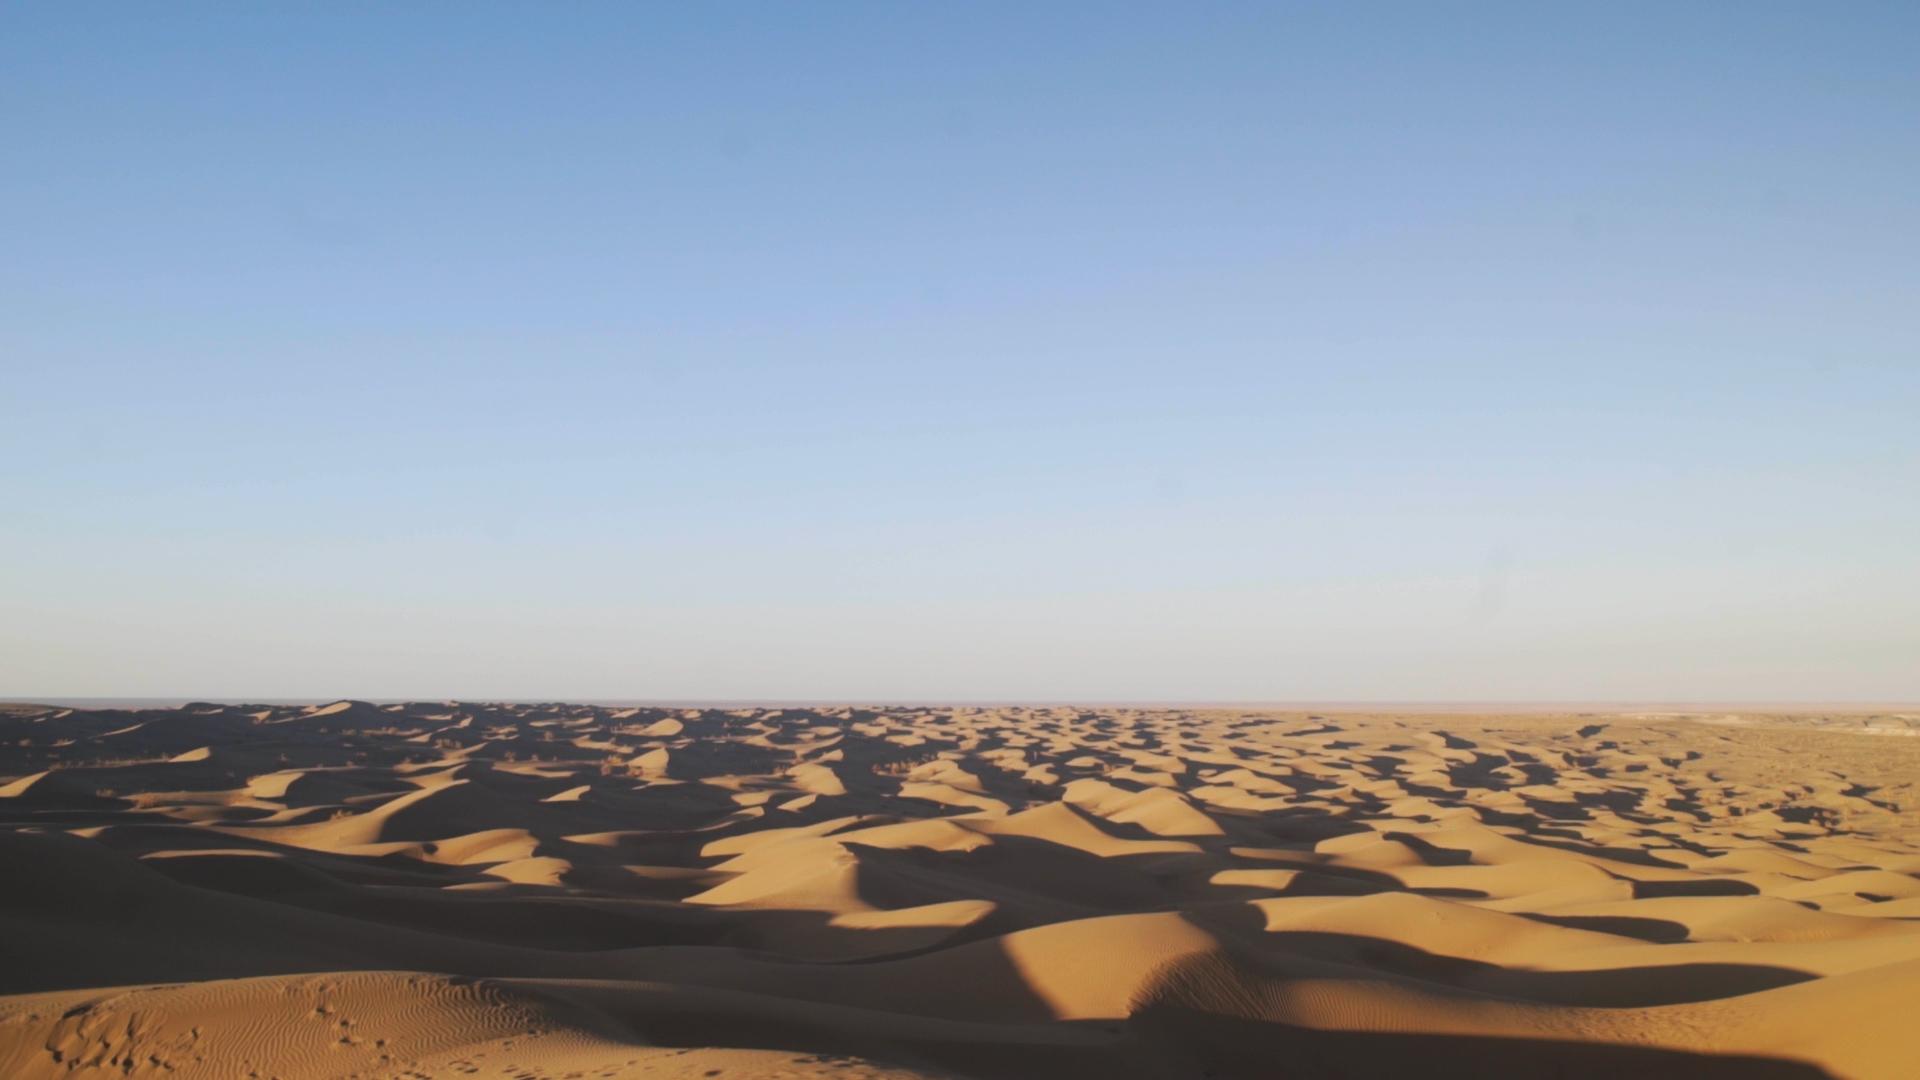 Mesr Desert, Iran I